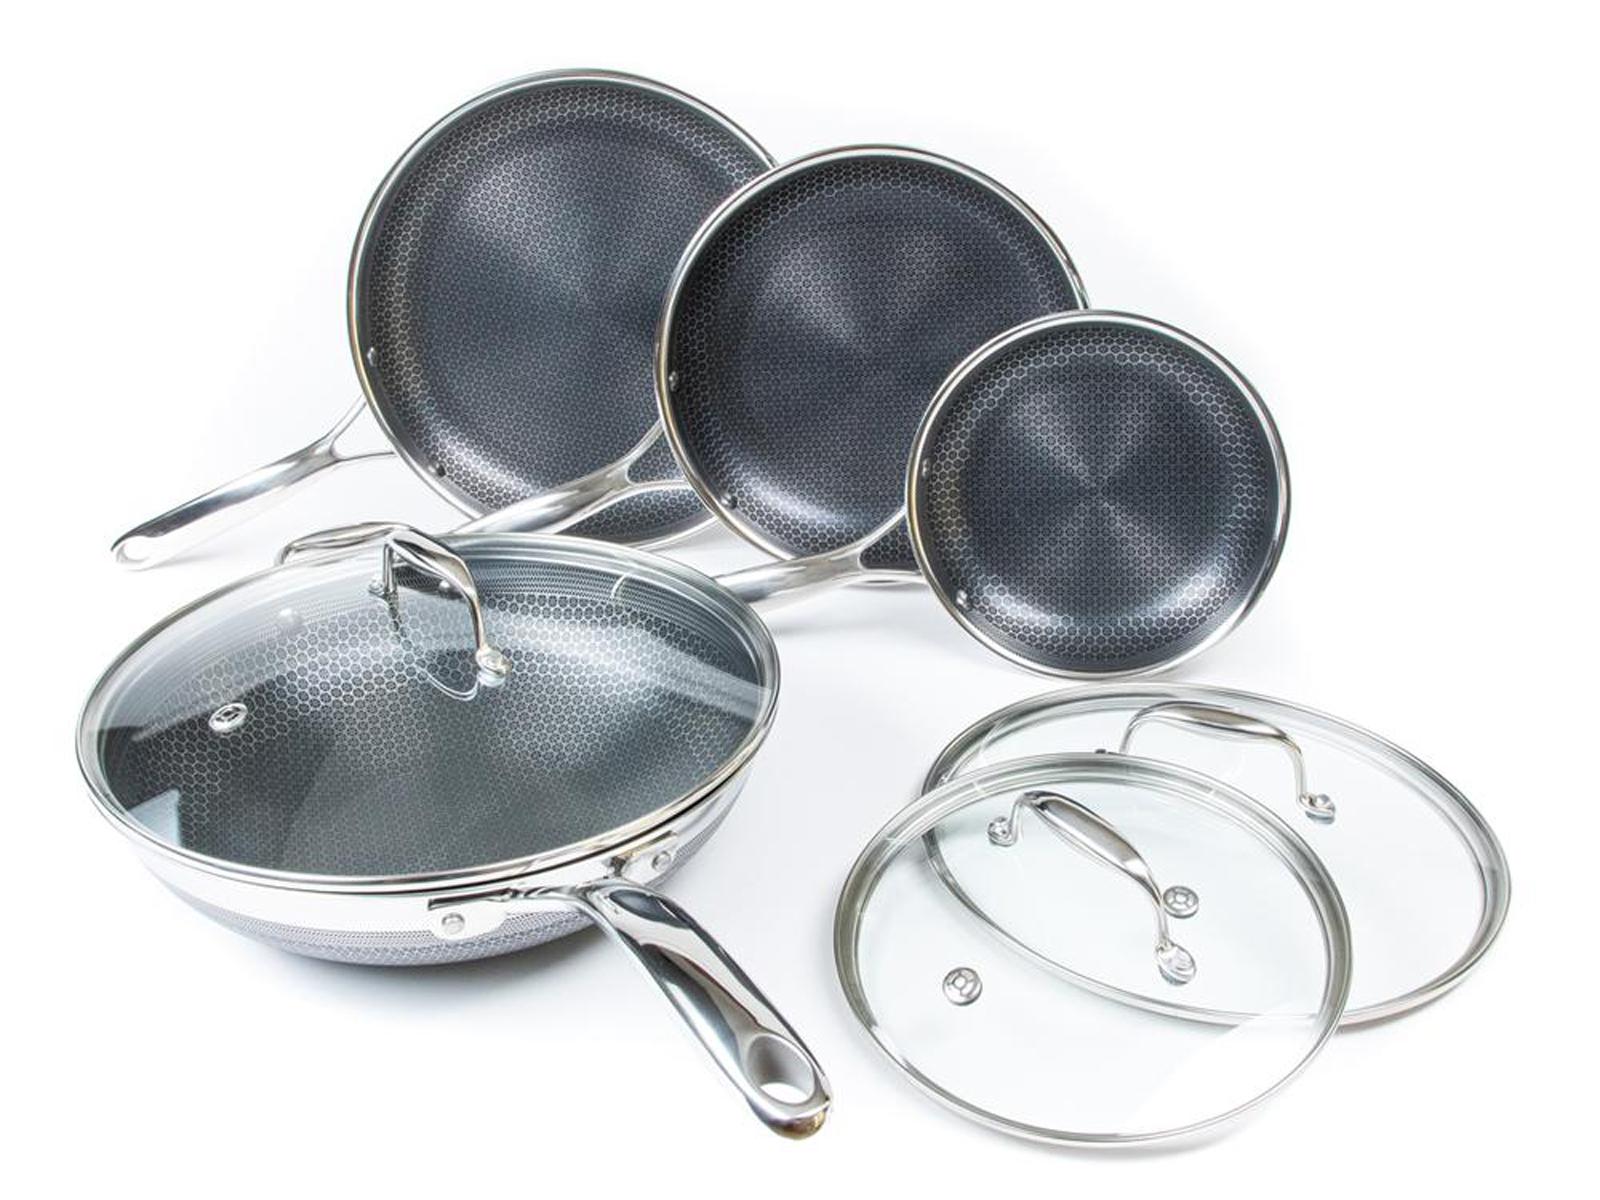 Hexclad cookware set